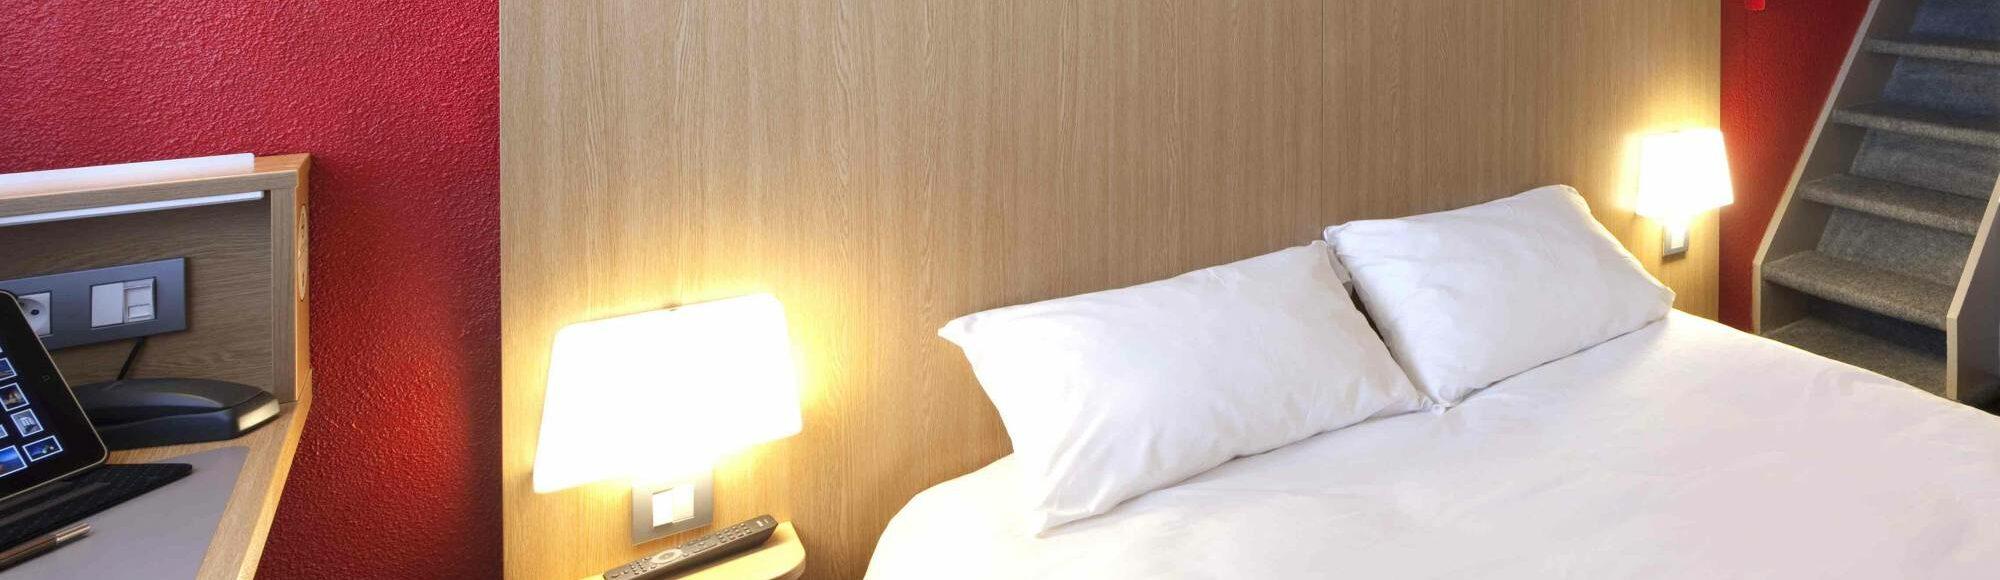 hôtel proche Toulon B&B Toulon La Seyne sur Mer